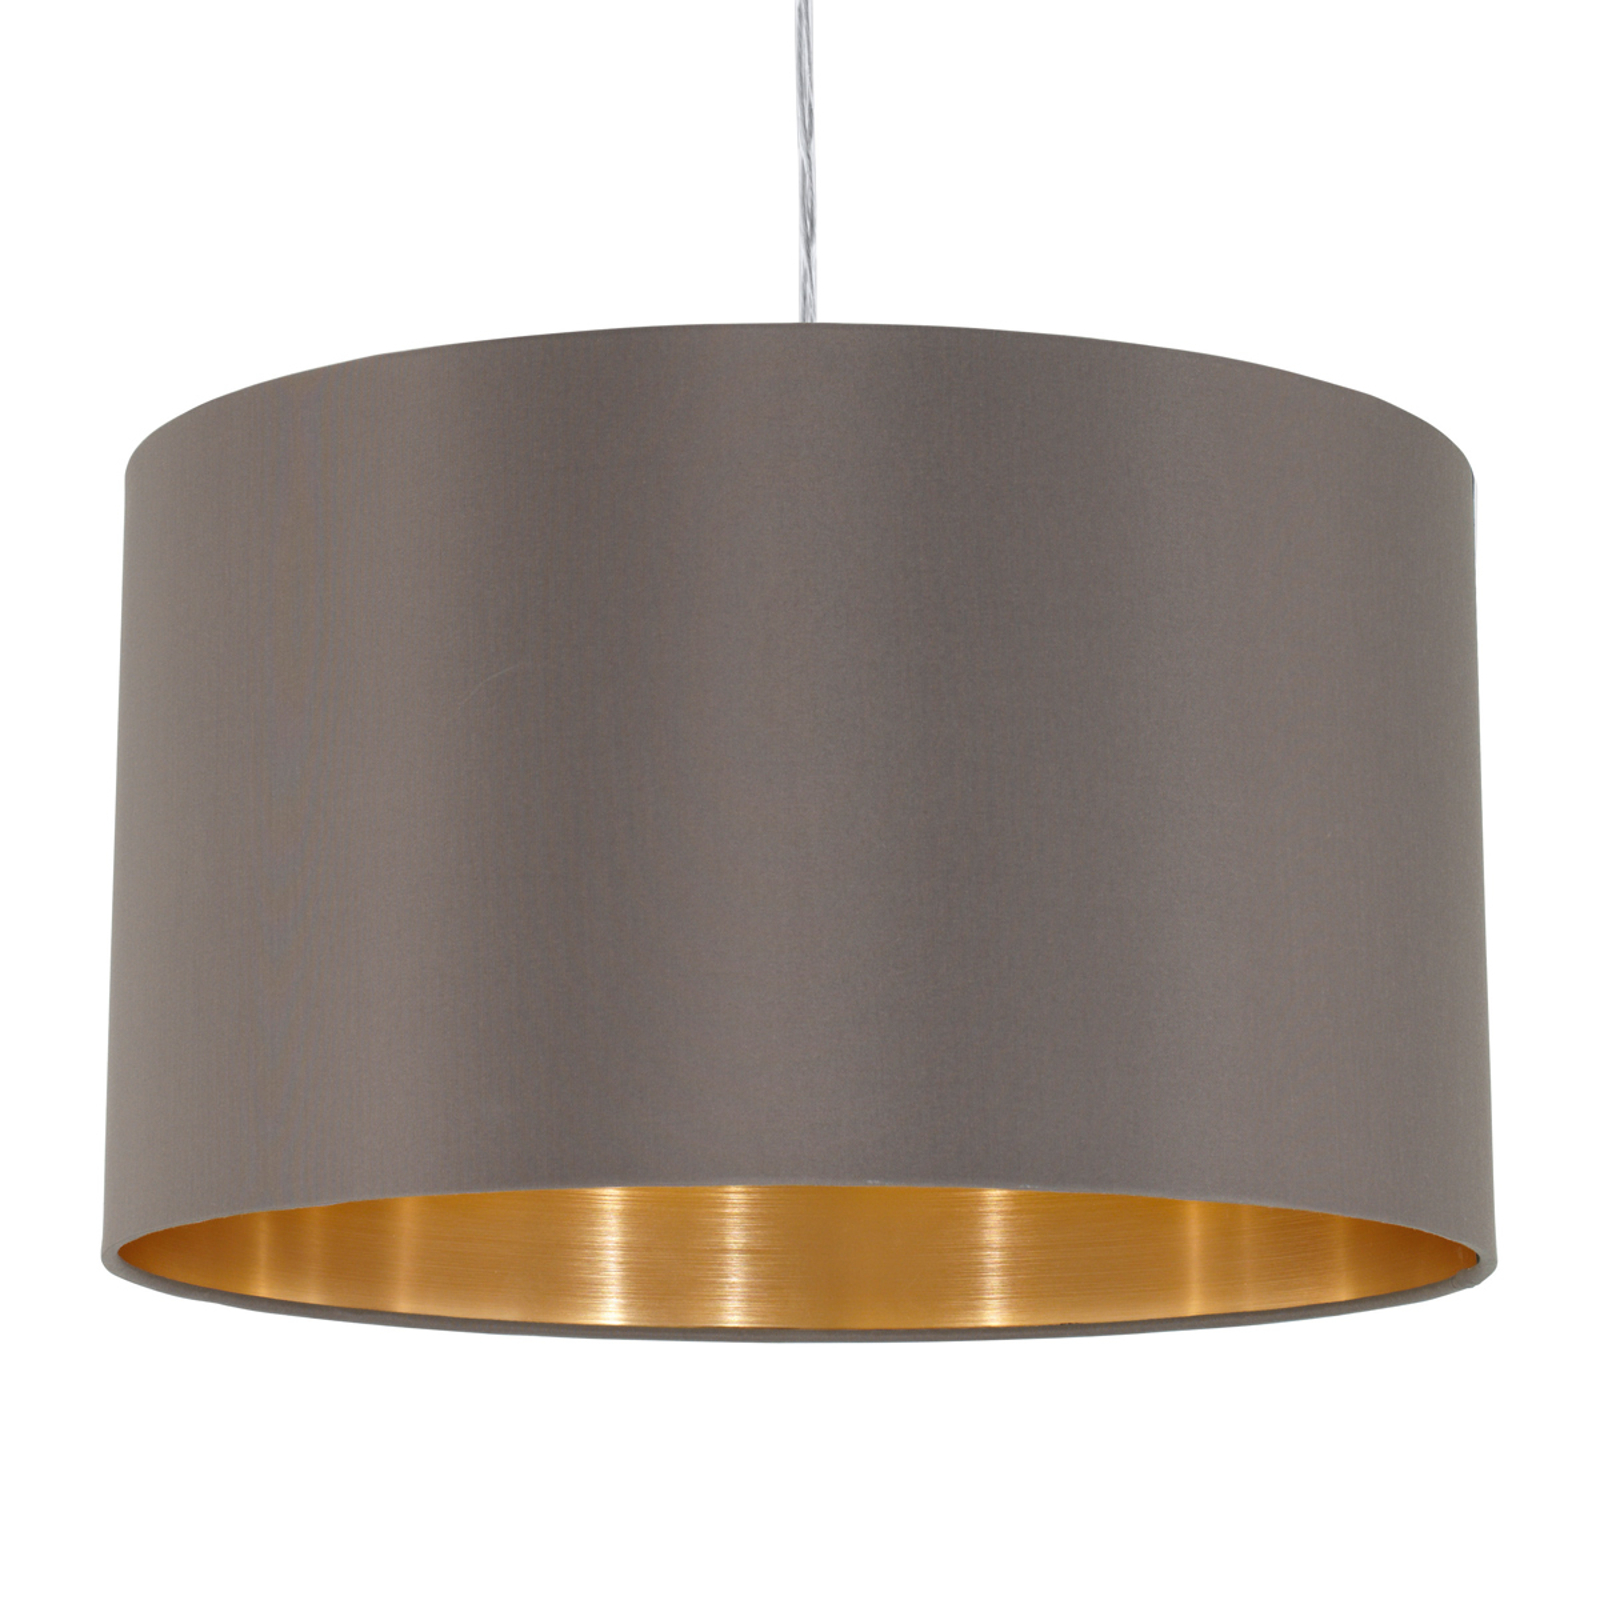 Tekstylna lampa wisząca Carpi, klosz z tkaniny